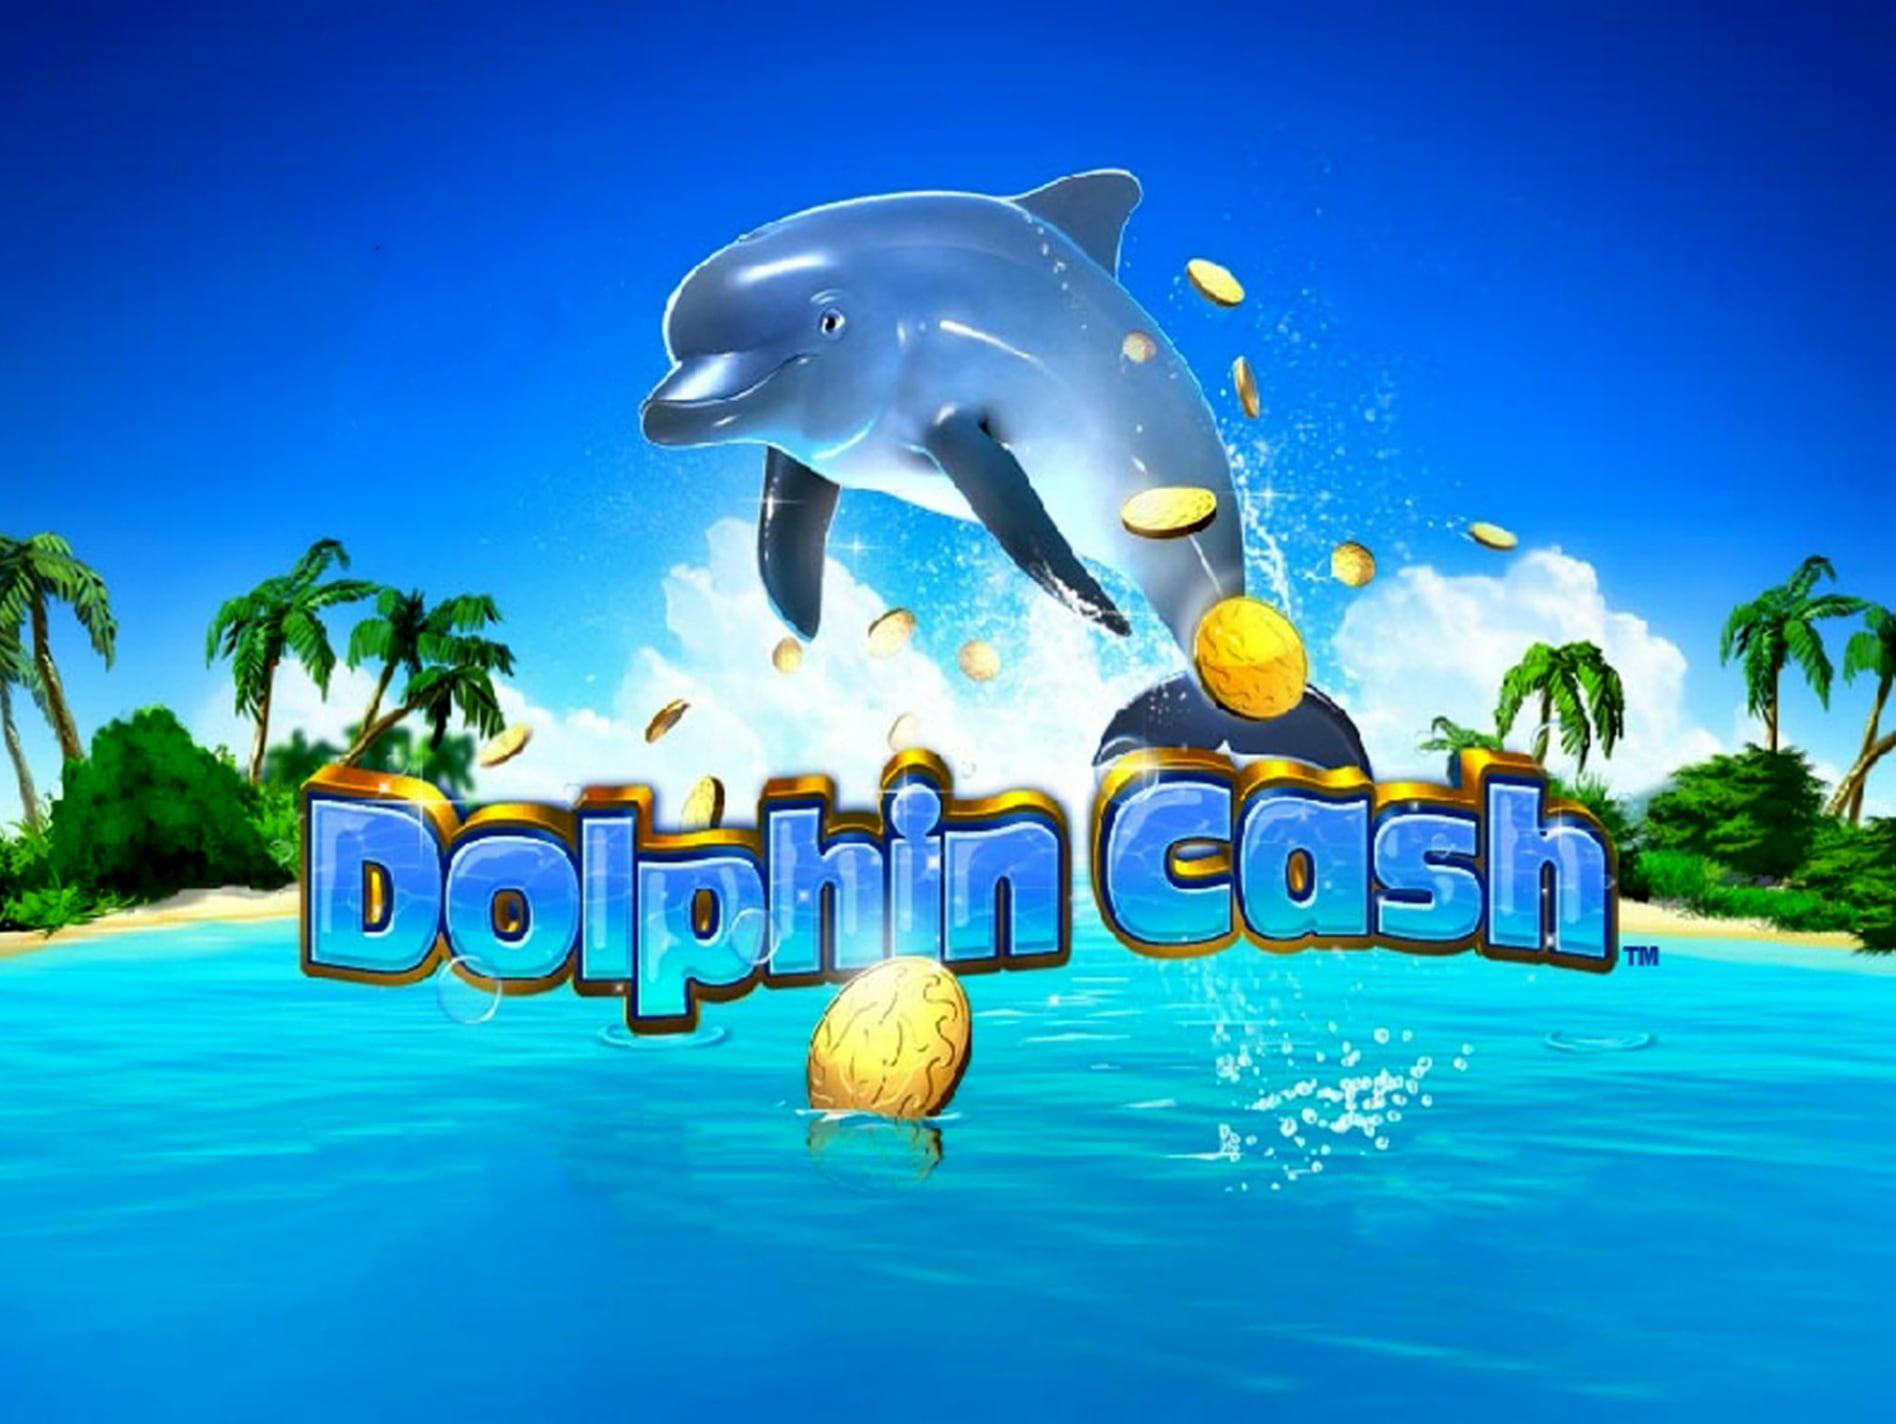 760% Casino match bonus at 888 Ladies